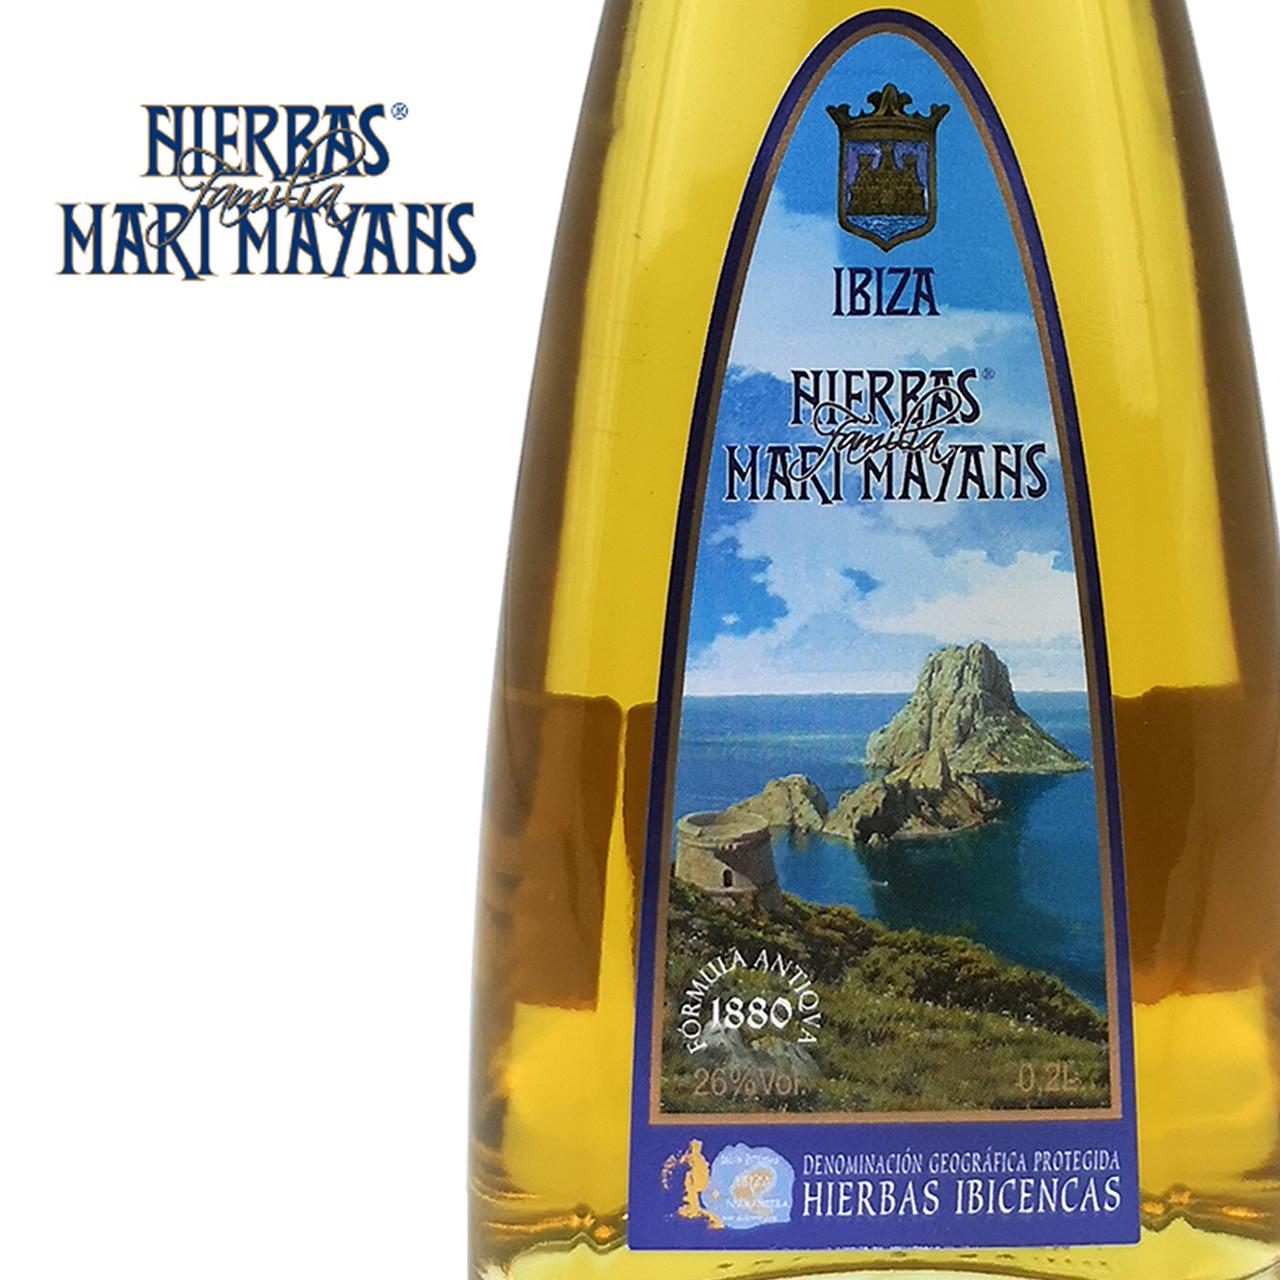 Bild von Hierbas Ibicencas (0,2 L) - Kräuterlikör - Familia Marí Mayans